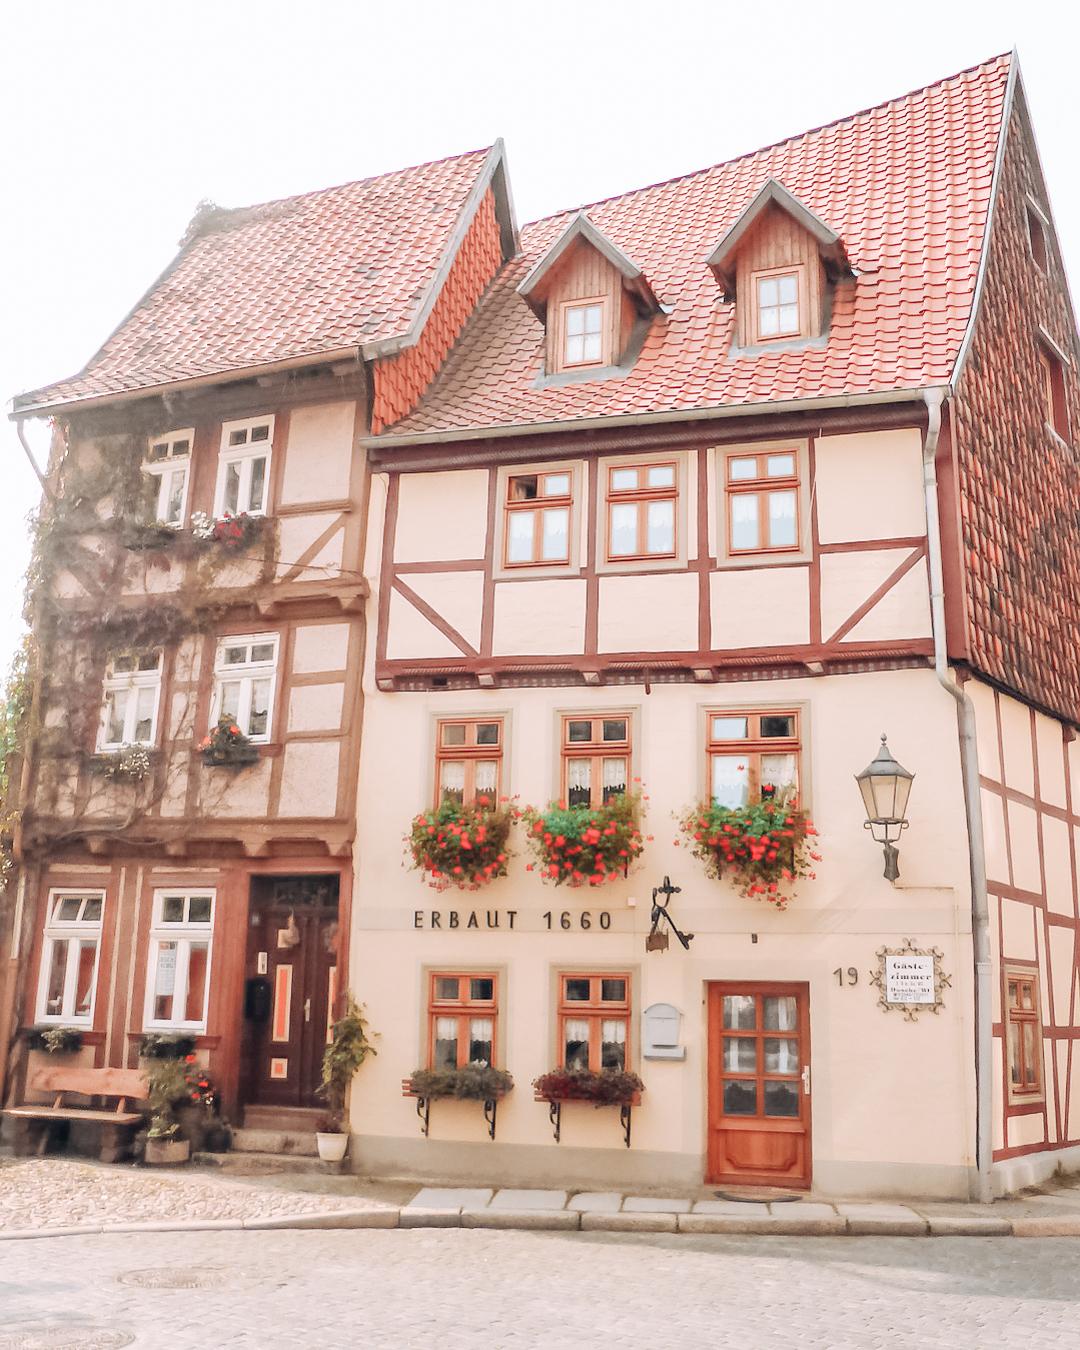 Historic building in Quedlinburg